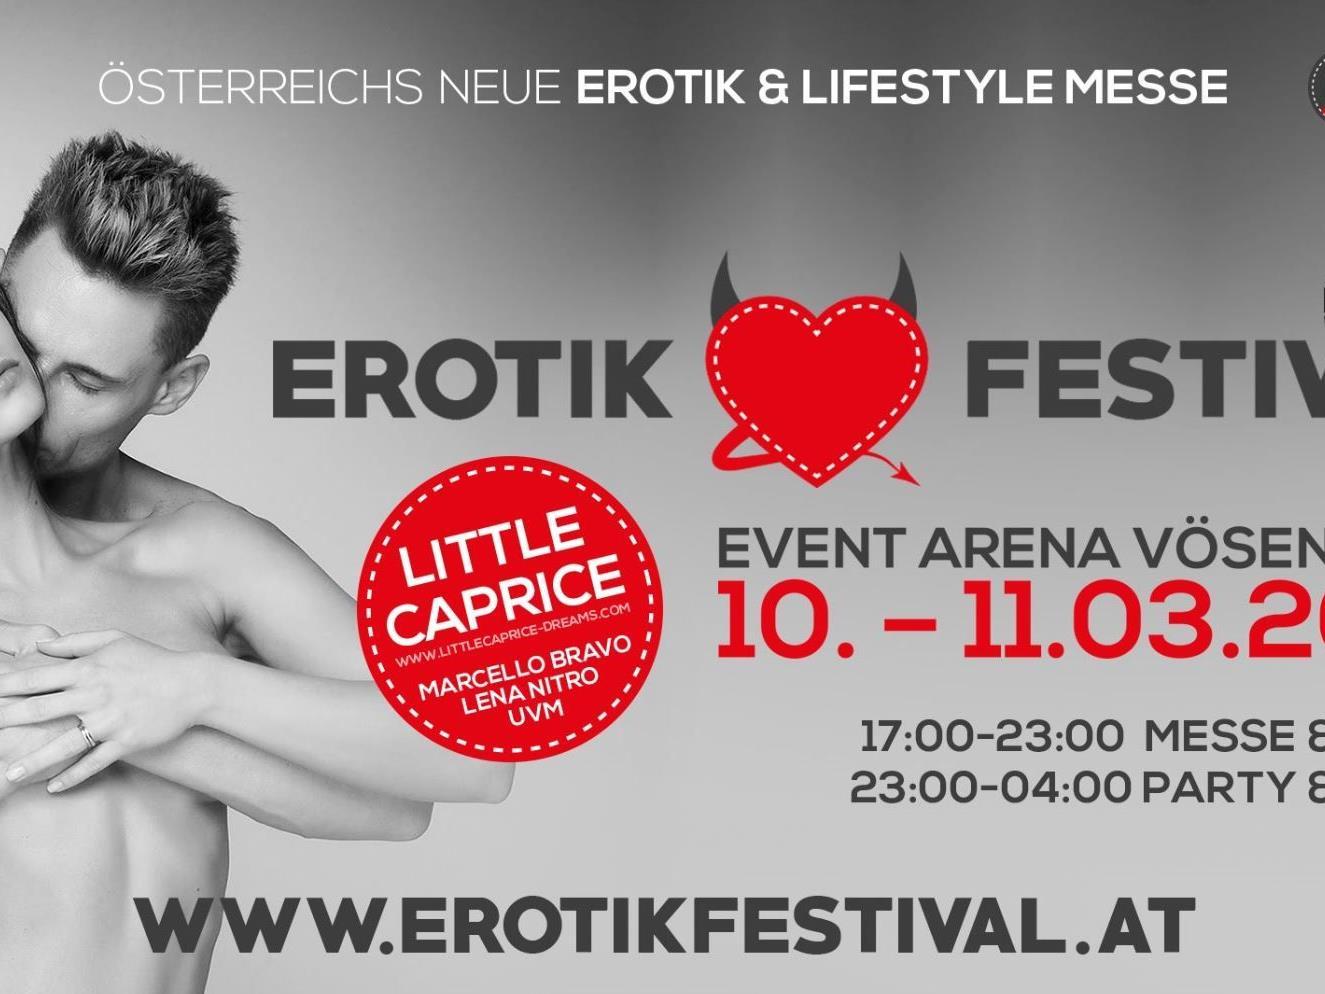 Vom 10 bis 11. März 2017 findet in der Event Arena das Erotik Festival statt.